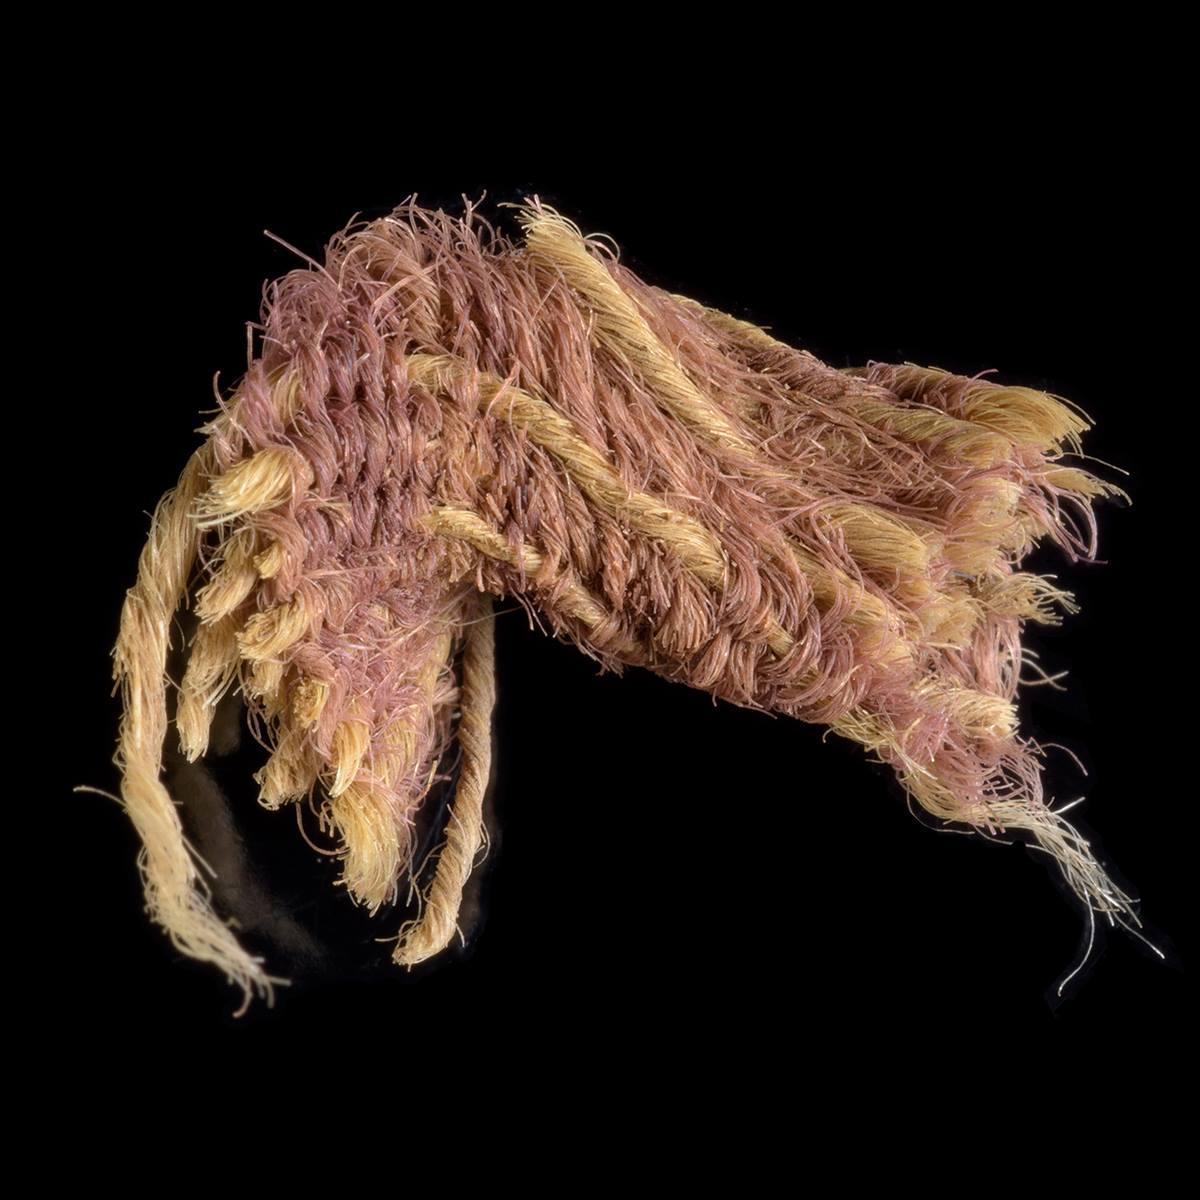 كانت أغلى من الذهب.. اكتشاف صبغة أرجوانية تعود إلى عهد الملك داوود في إسرائيل